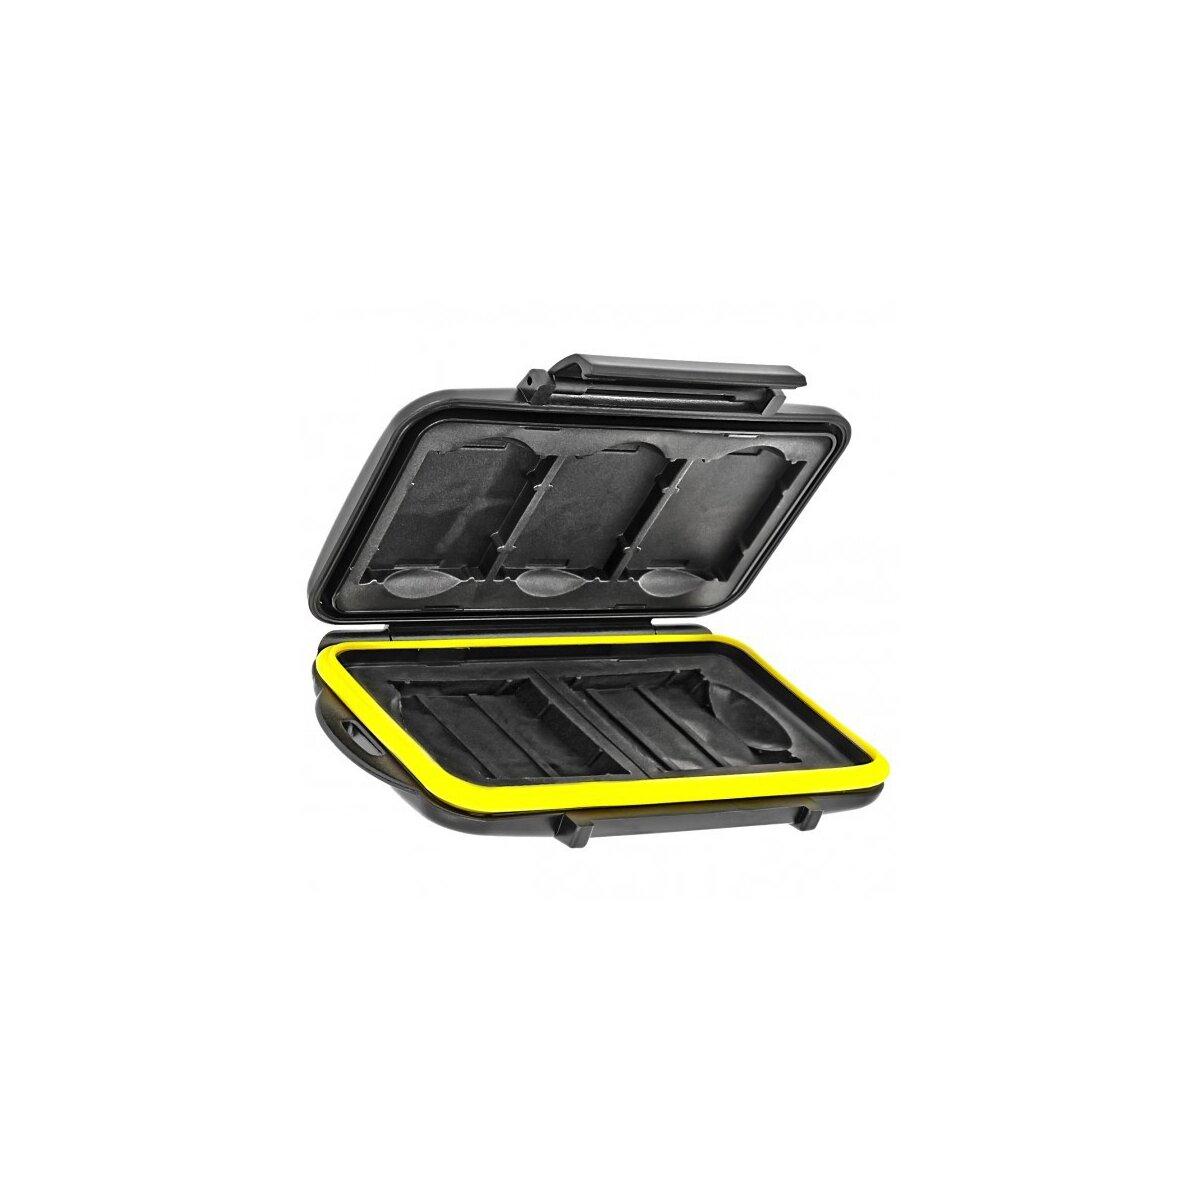 Wasserdichtes Speicherkarten Hardcase Etui Schutzbox fuer 3 x XQD und 2 x CF Compact Flash